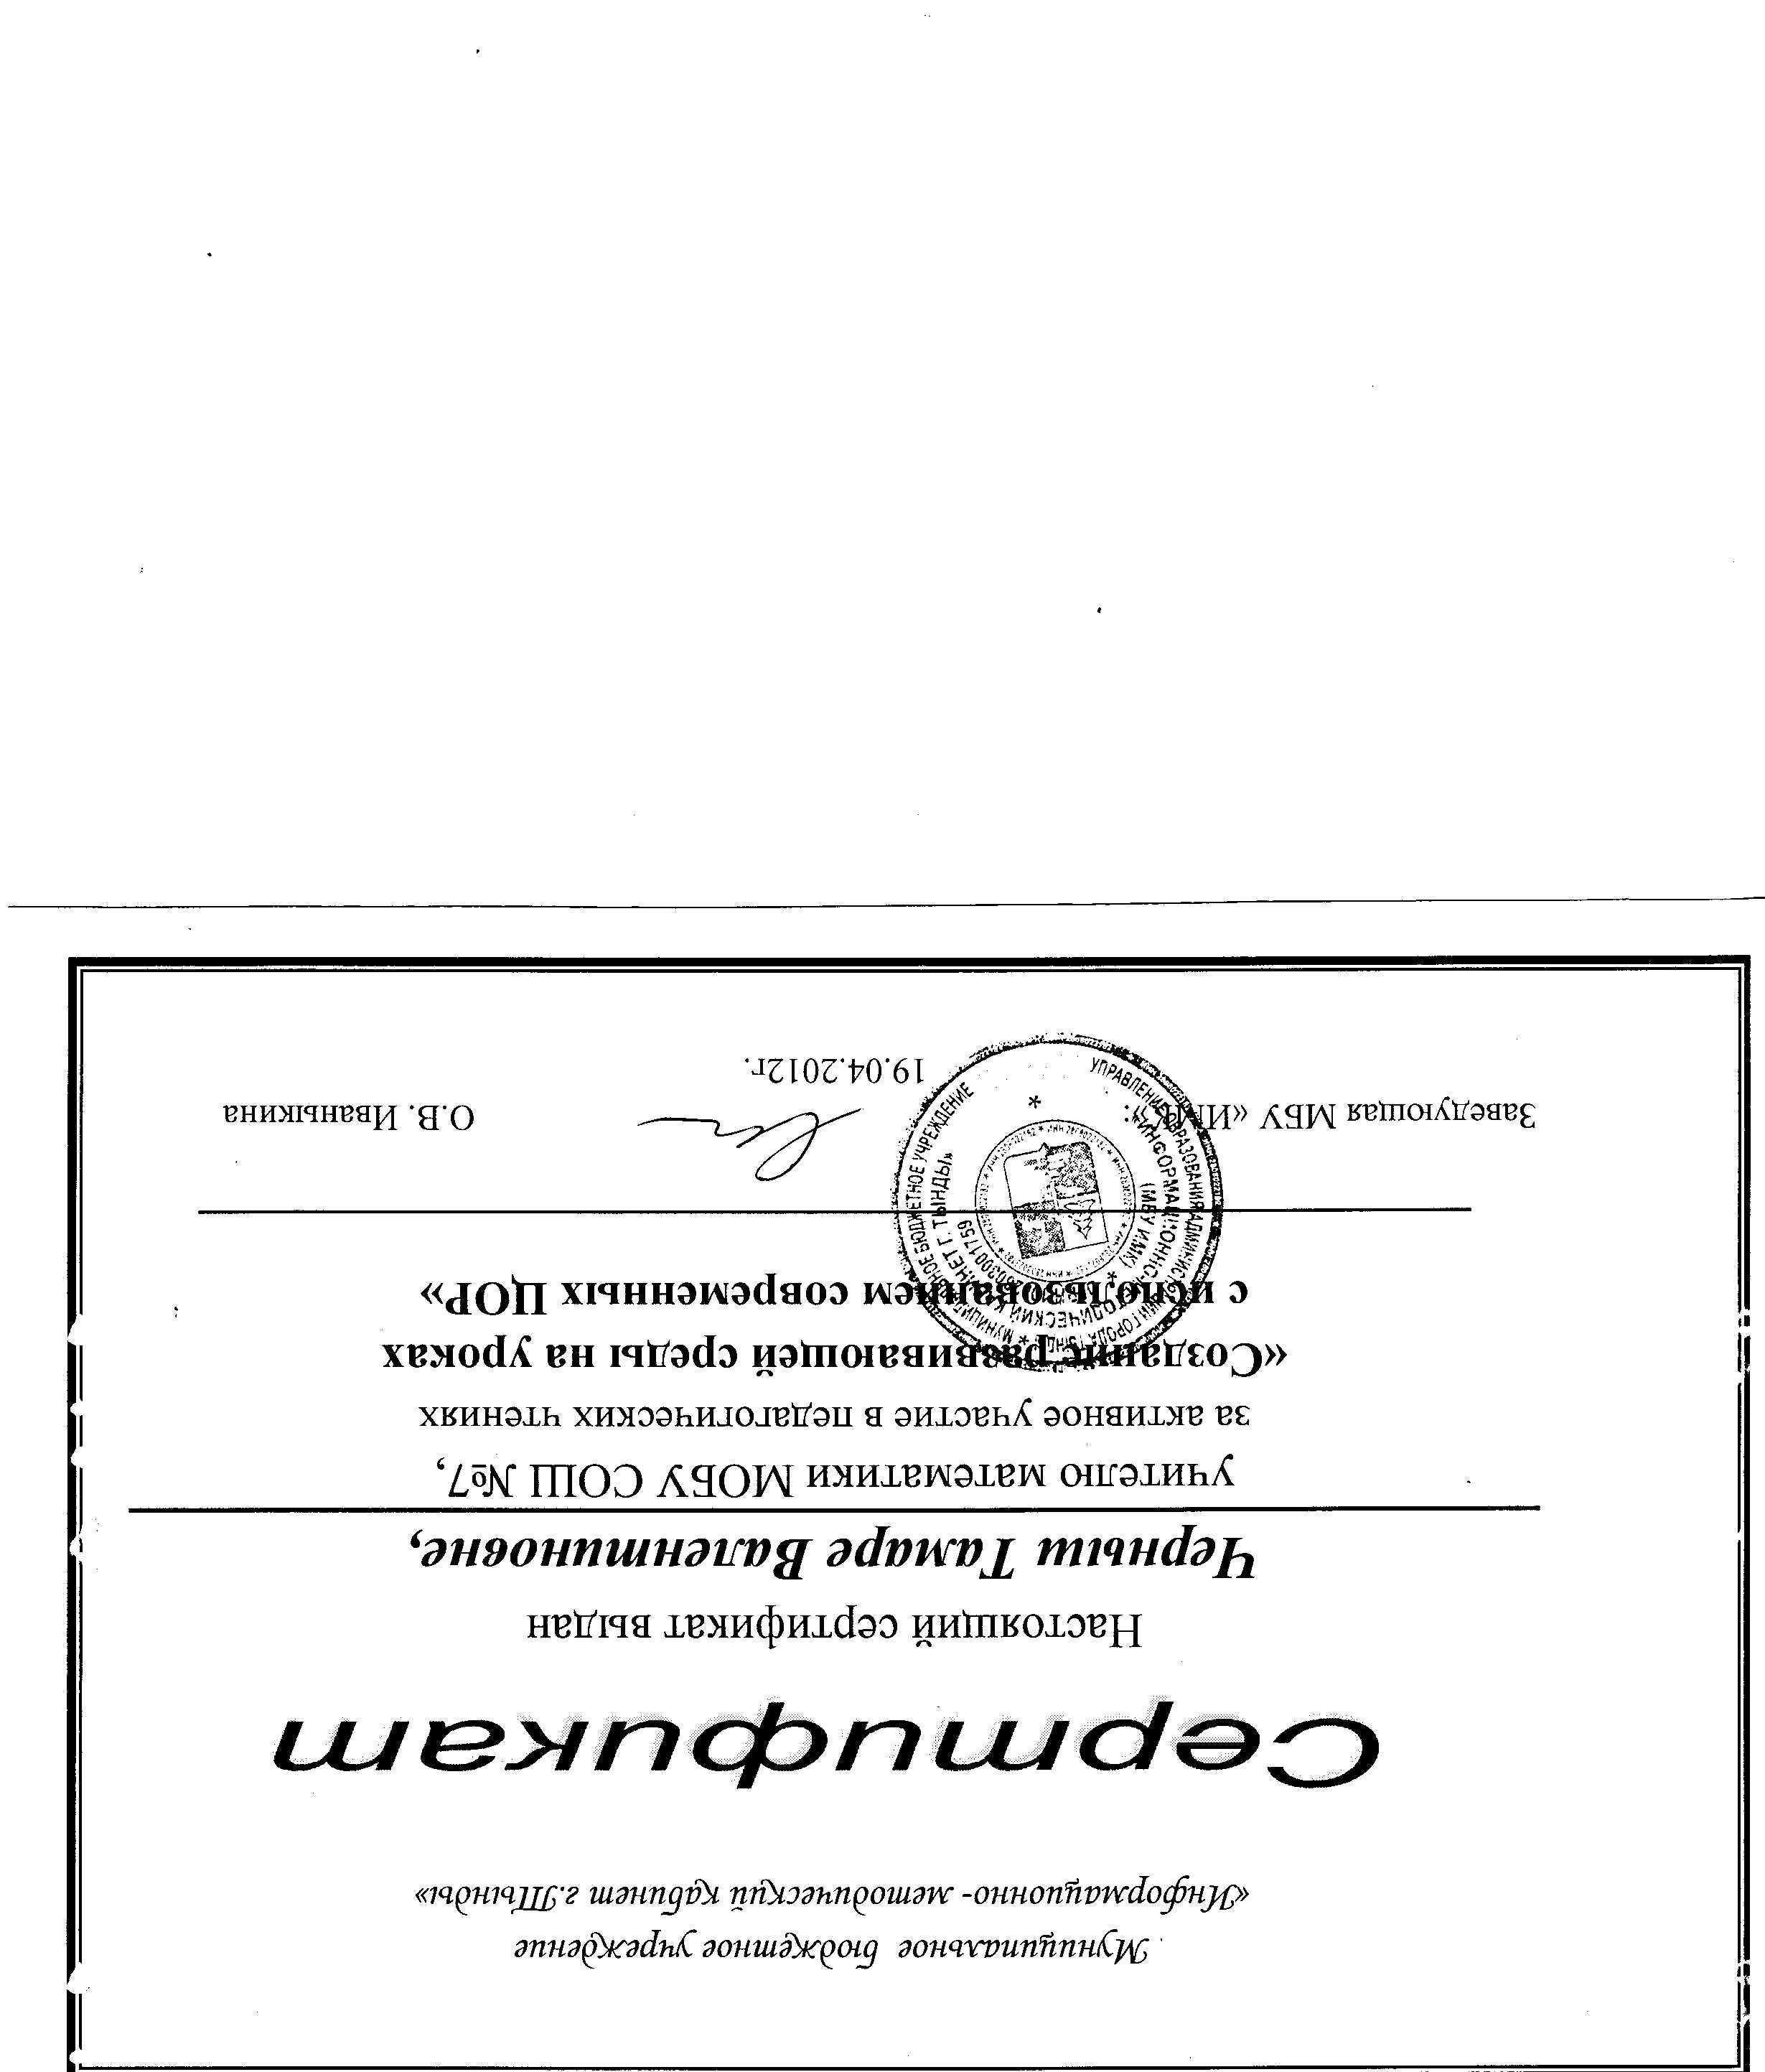 C:\Documents and Settings\Admin\Мои документы\Мои рисунки\img007.jpg